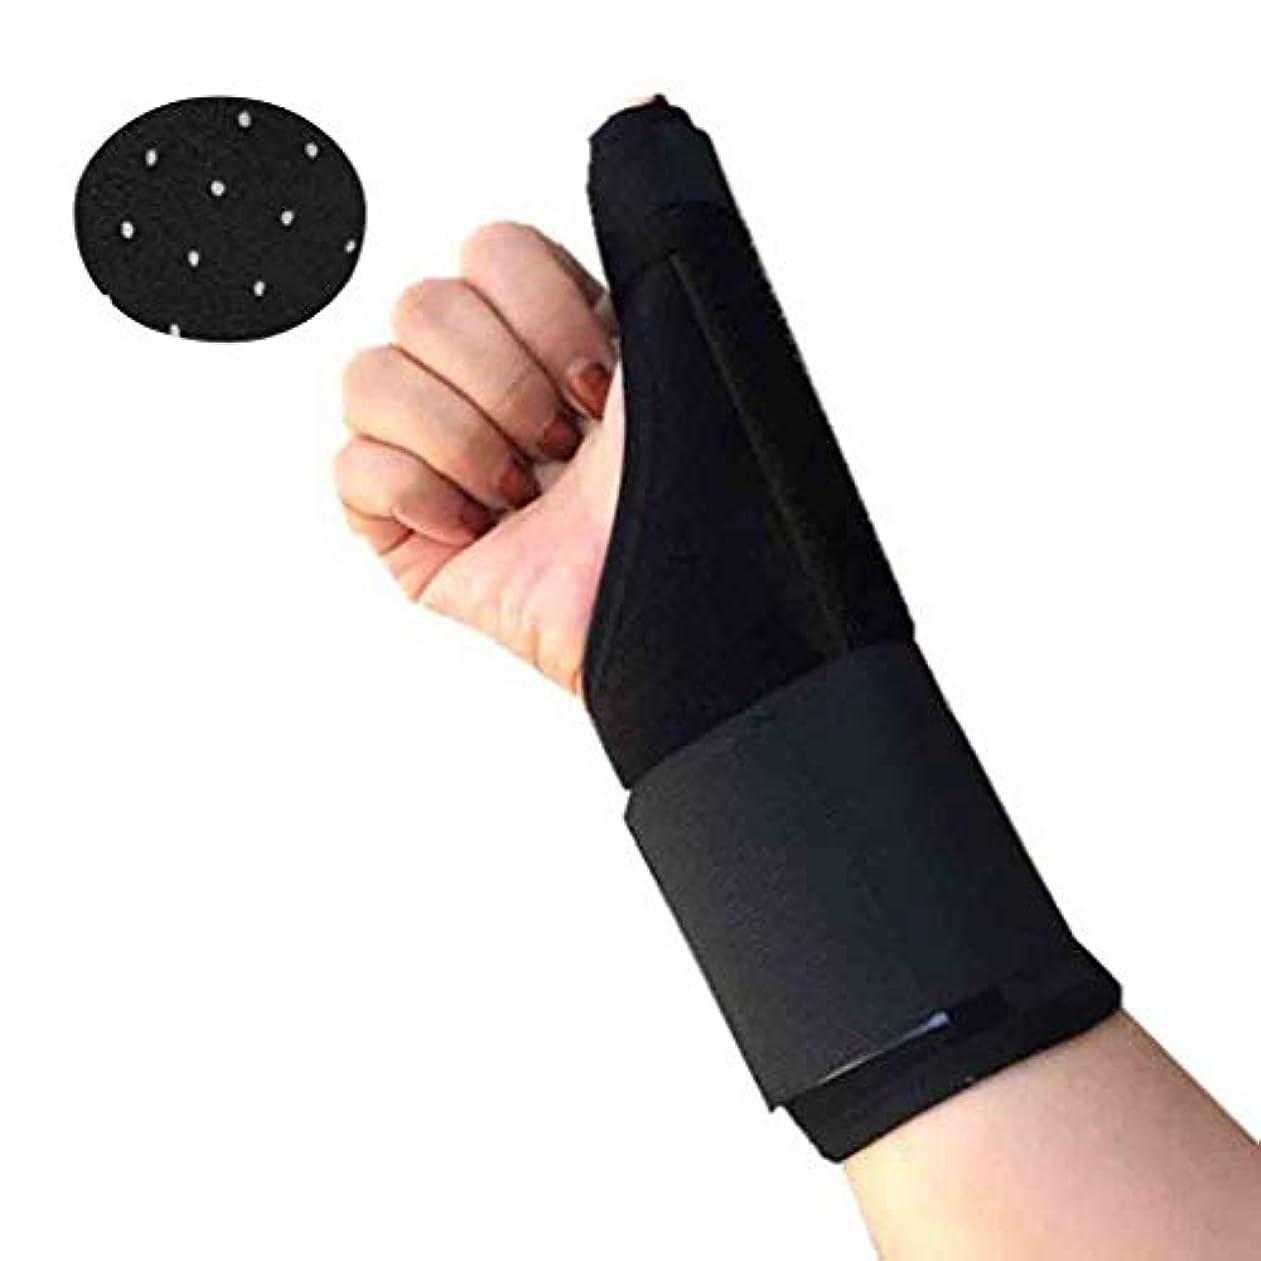 病気だと思う成り立つ冷蔵庫関節炎のThumbスプリントは、手根管トンネルのThumb関節Thumbブレースを固定する手首の痛みの救済は、右手と左手の両方にフィット Roscloud@